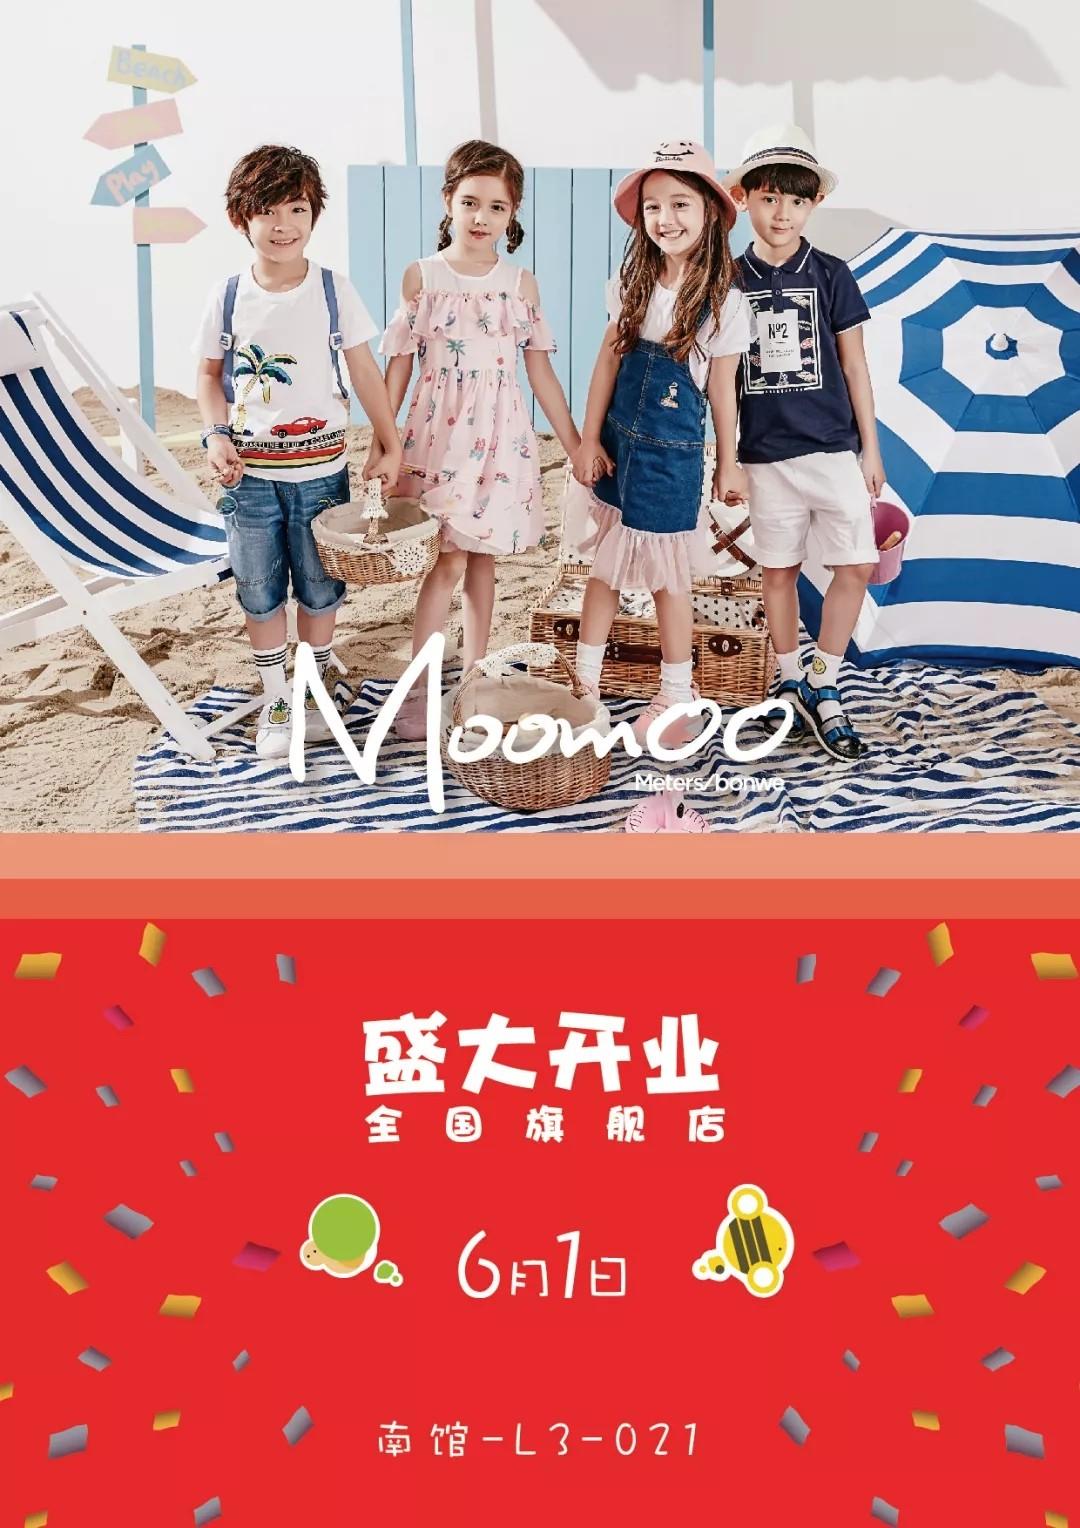 Moomoo旗艦店   成都龍湖北城天街61即將開業